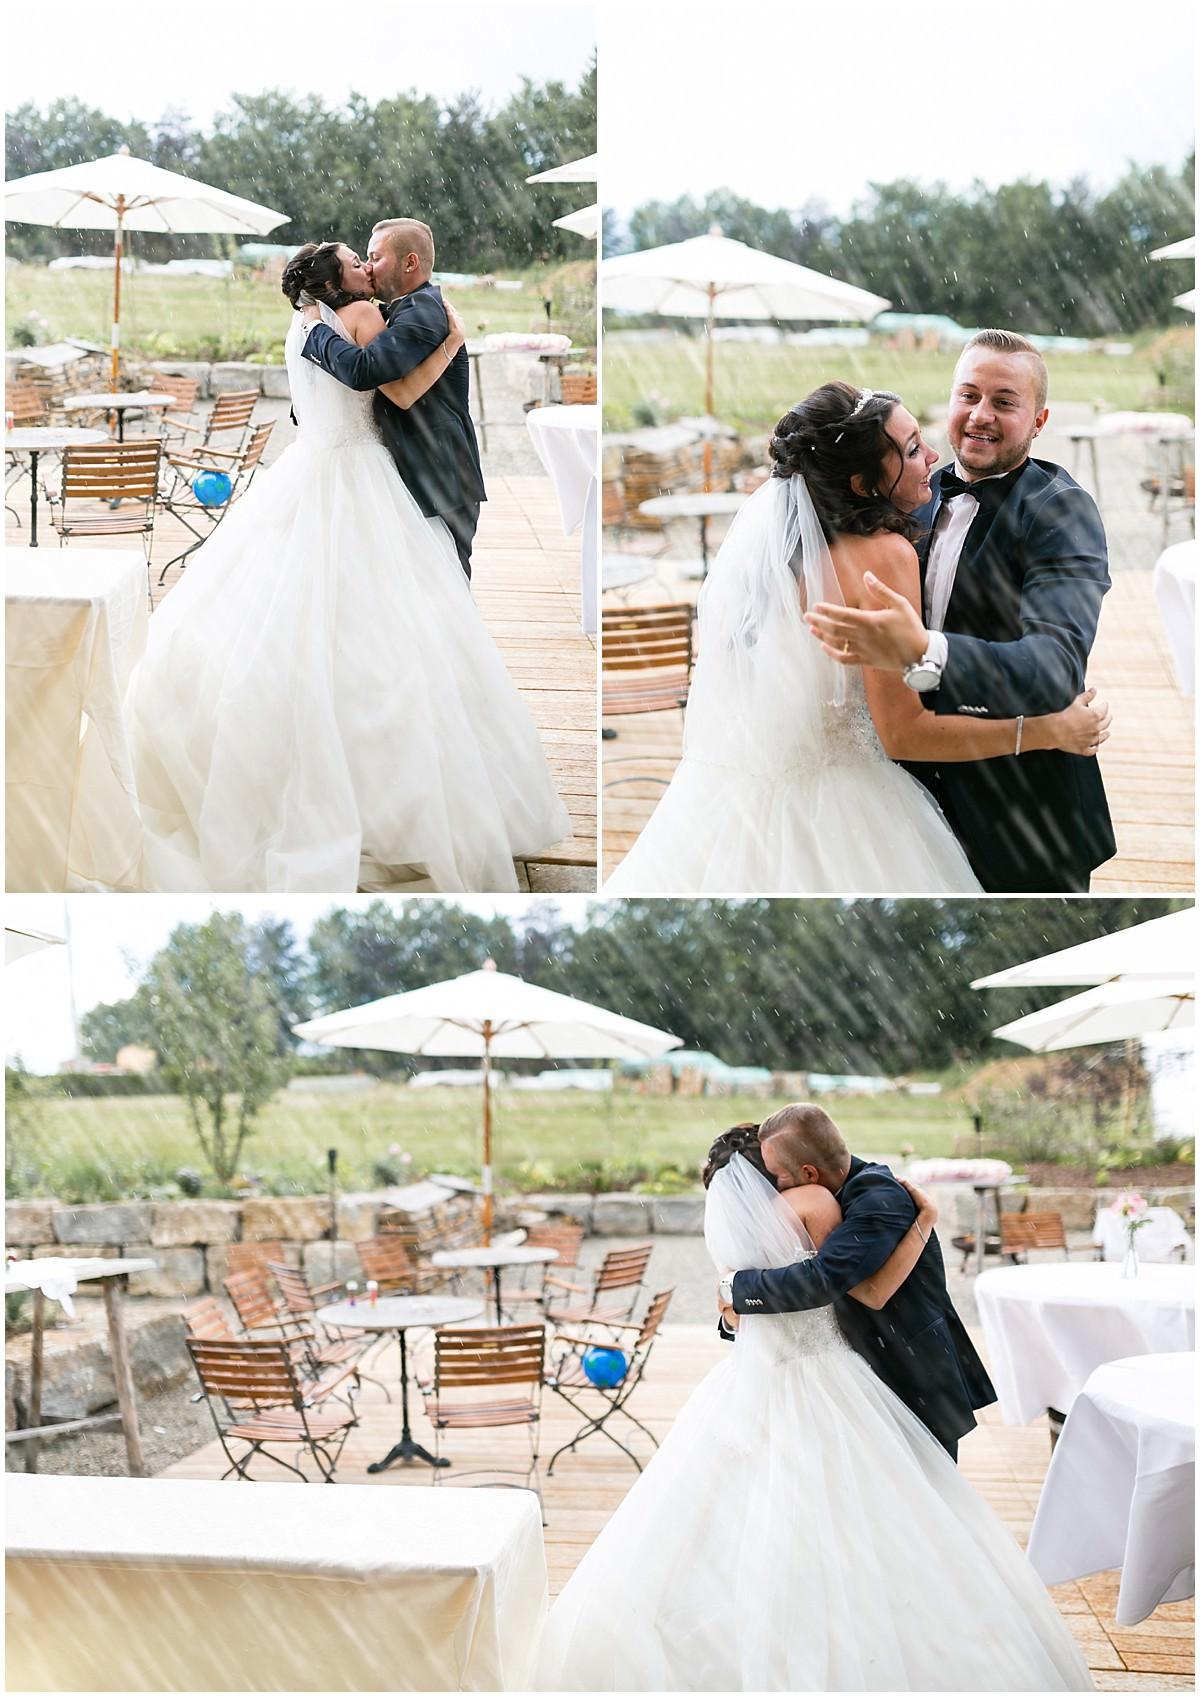 Brautpaarbilder bei Regenwetter